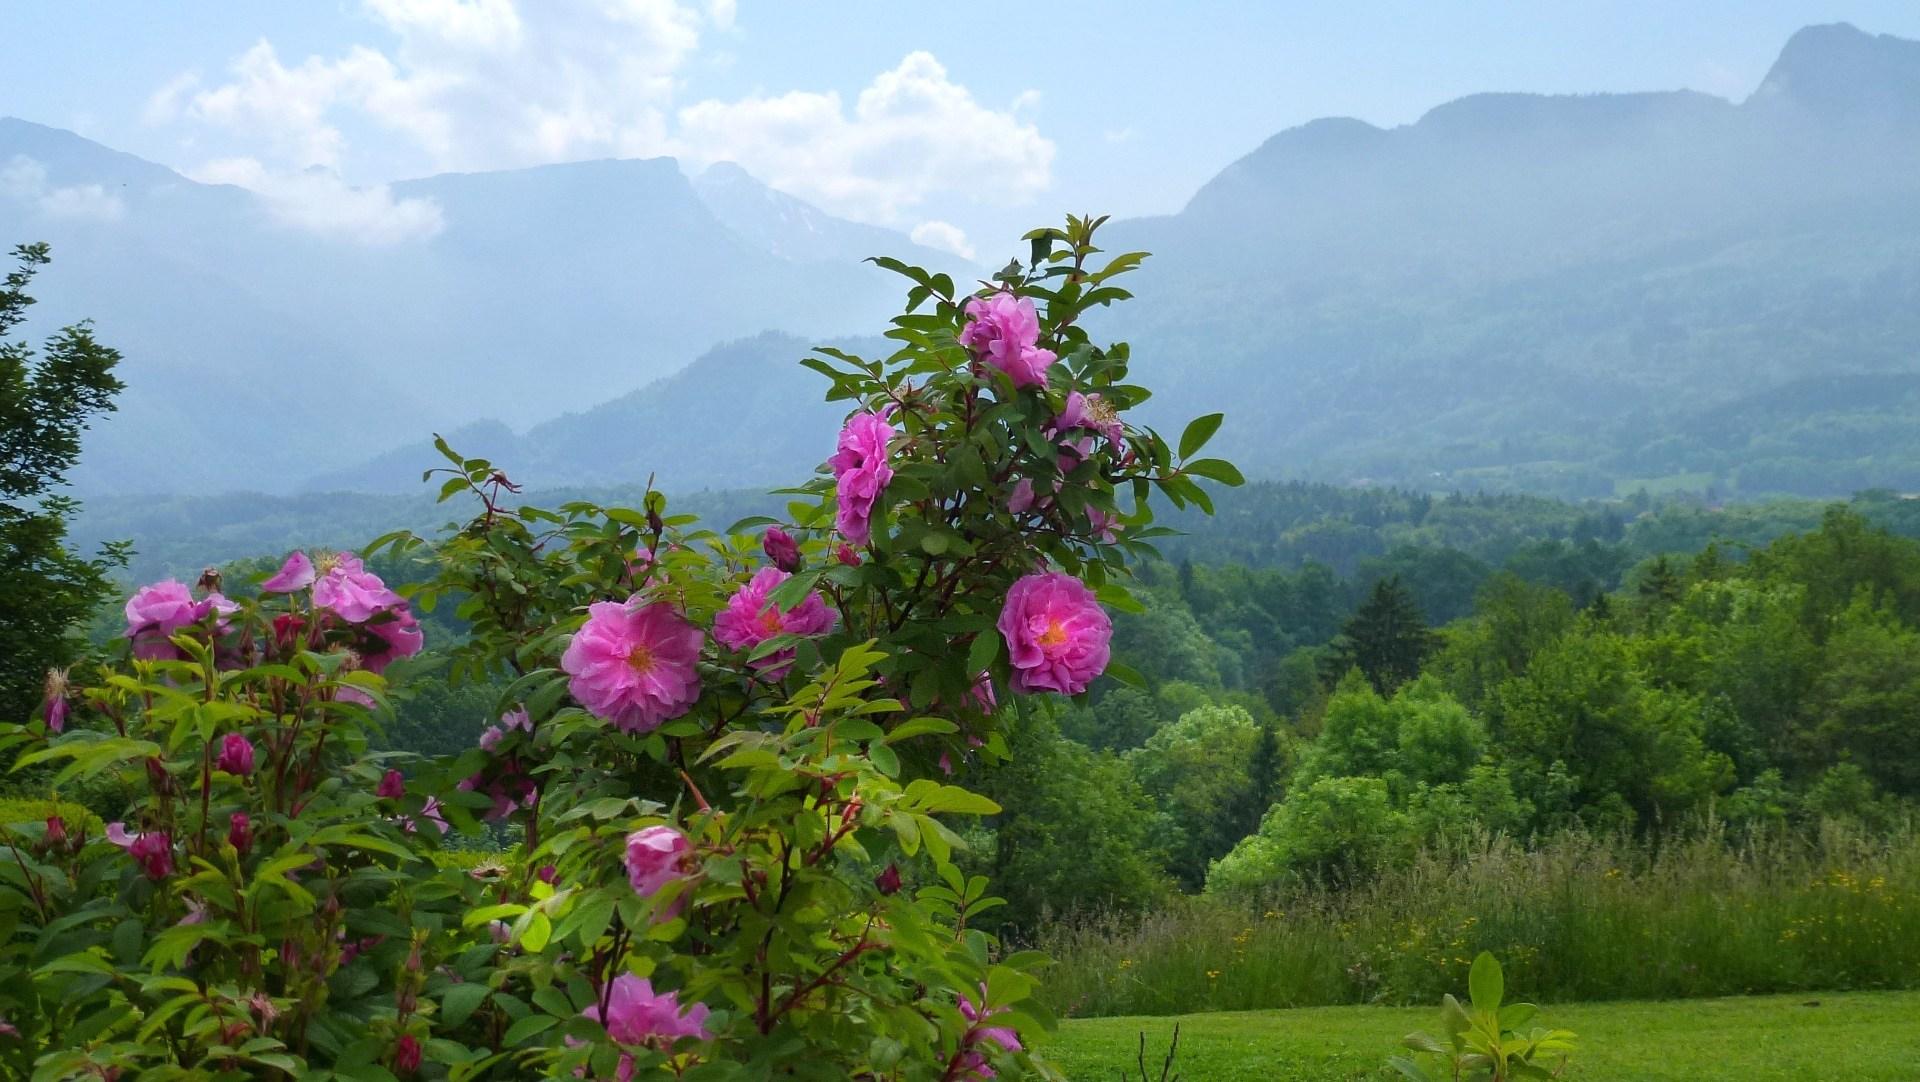 Image printemps for Images du printemps gratuites